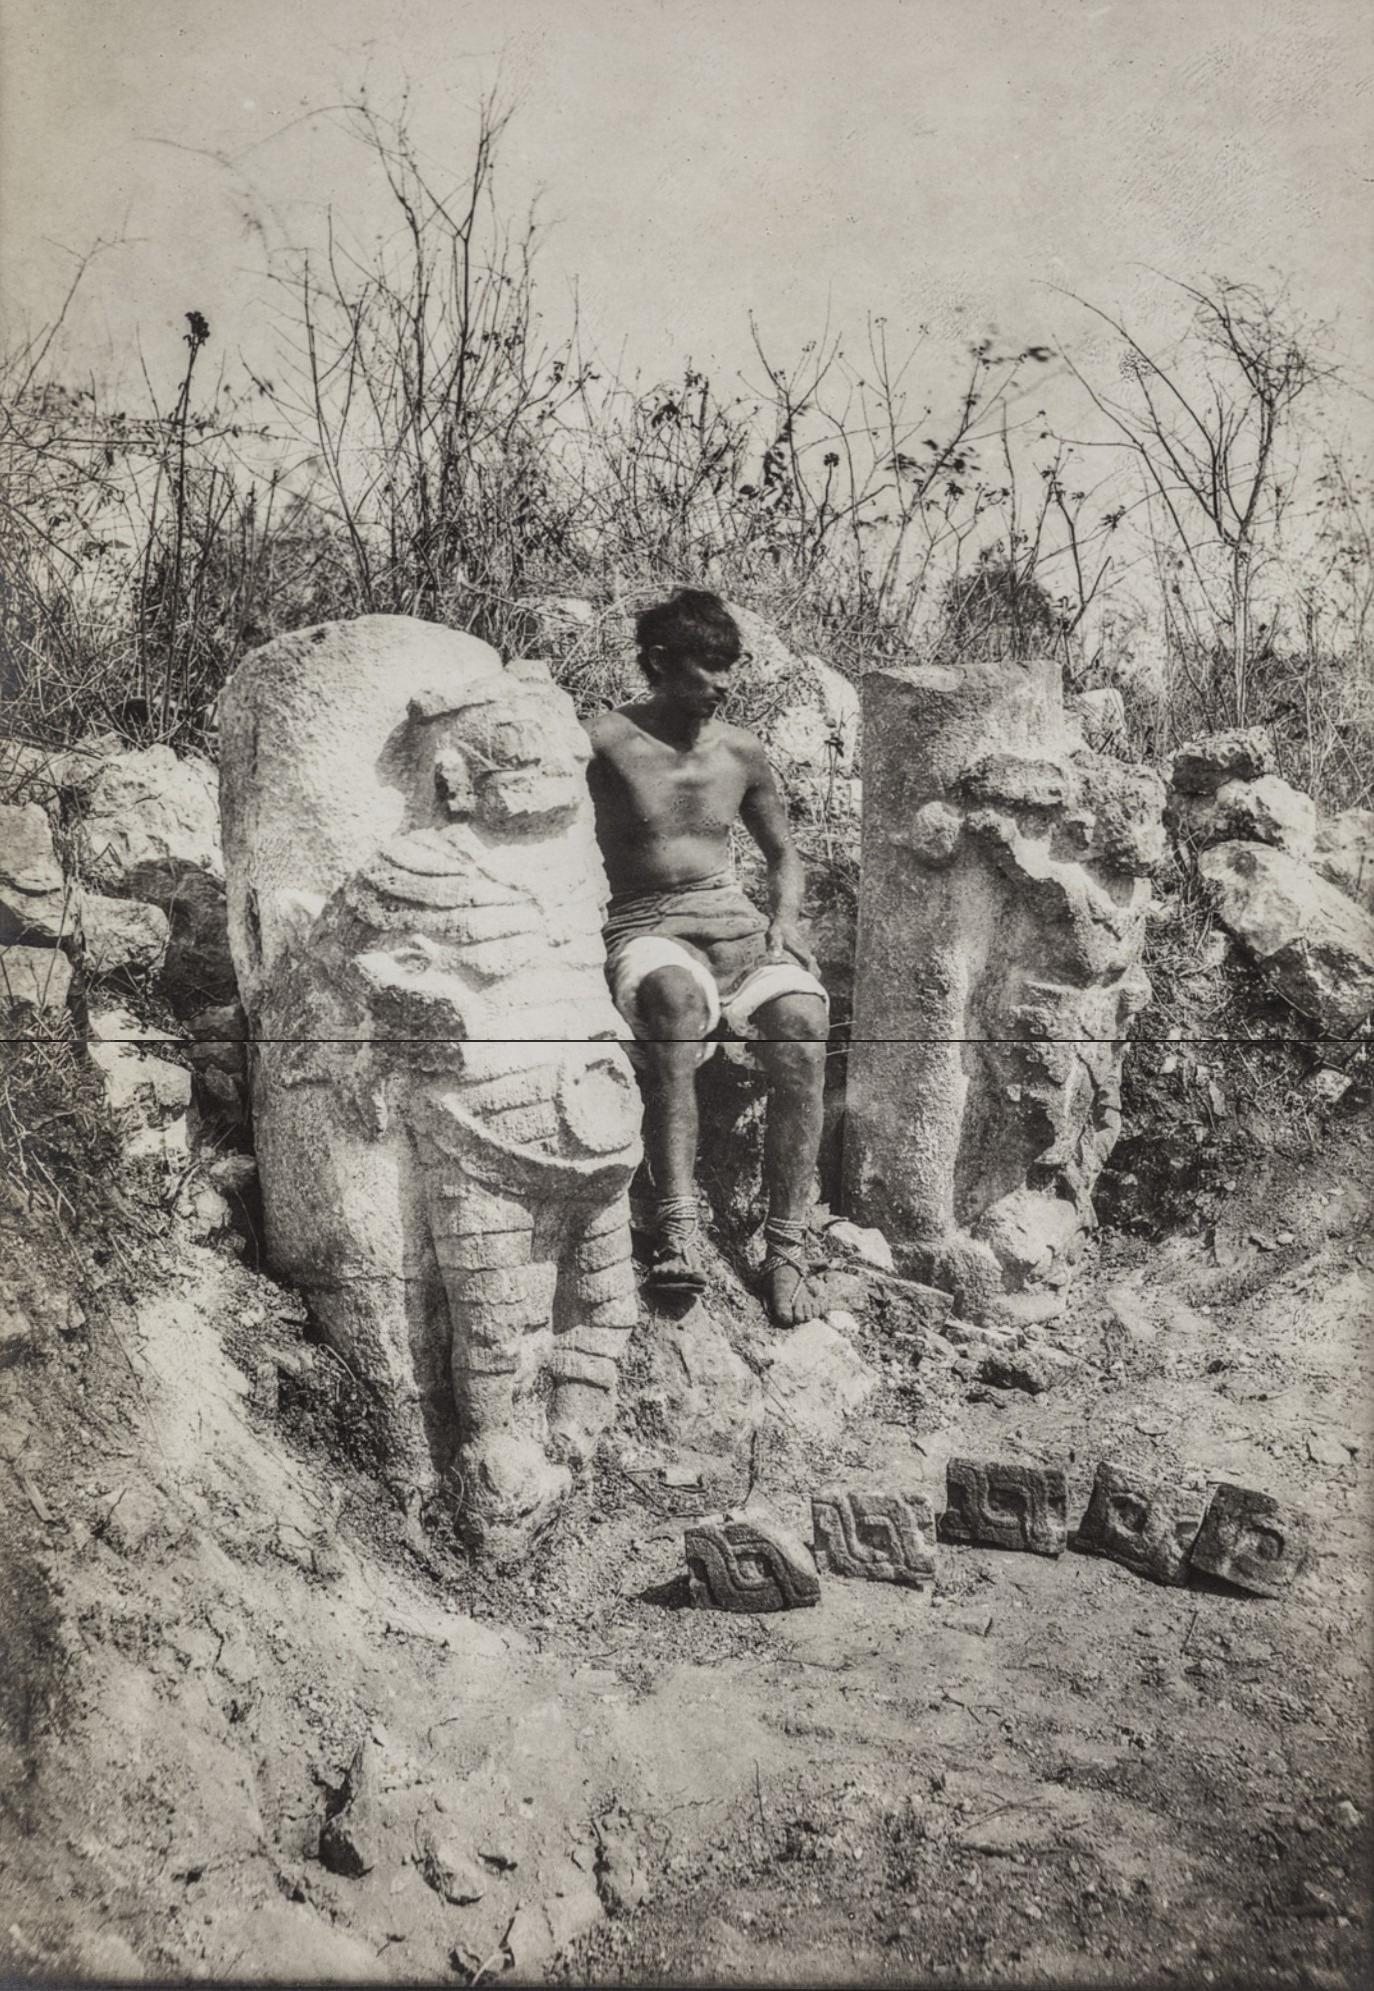 Чичен-Ица. Проводник возле статуи